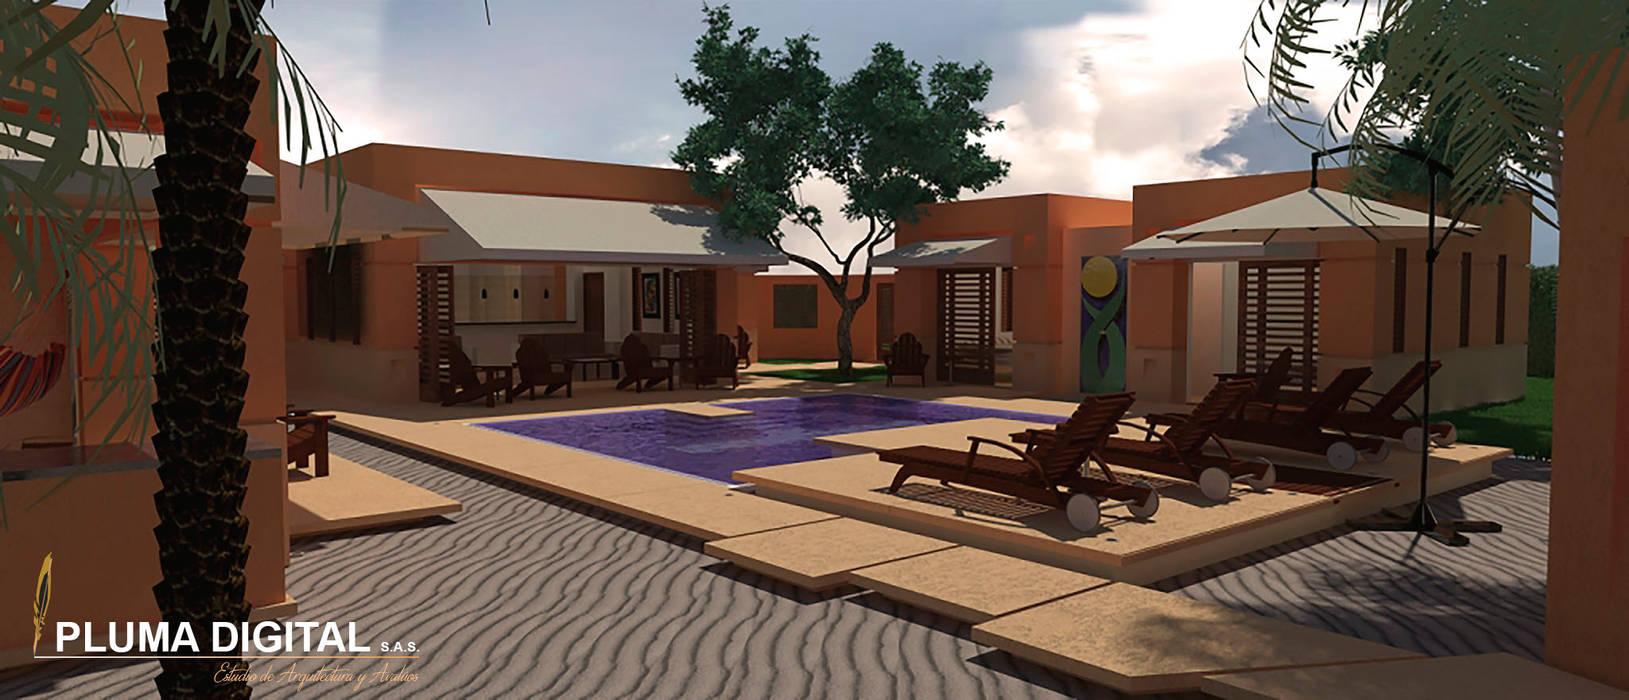 Modern Pool by PLUMA DIGITAL SAS. Modern